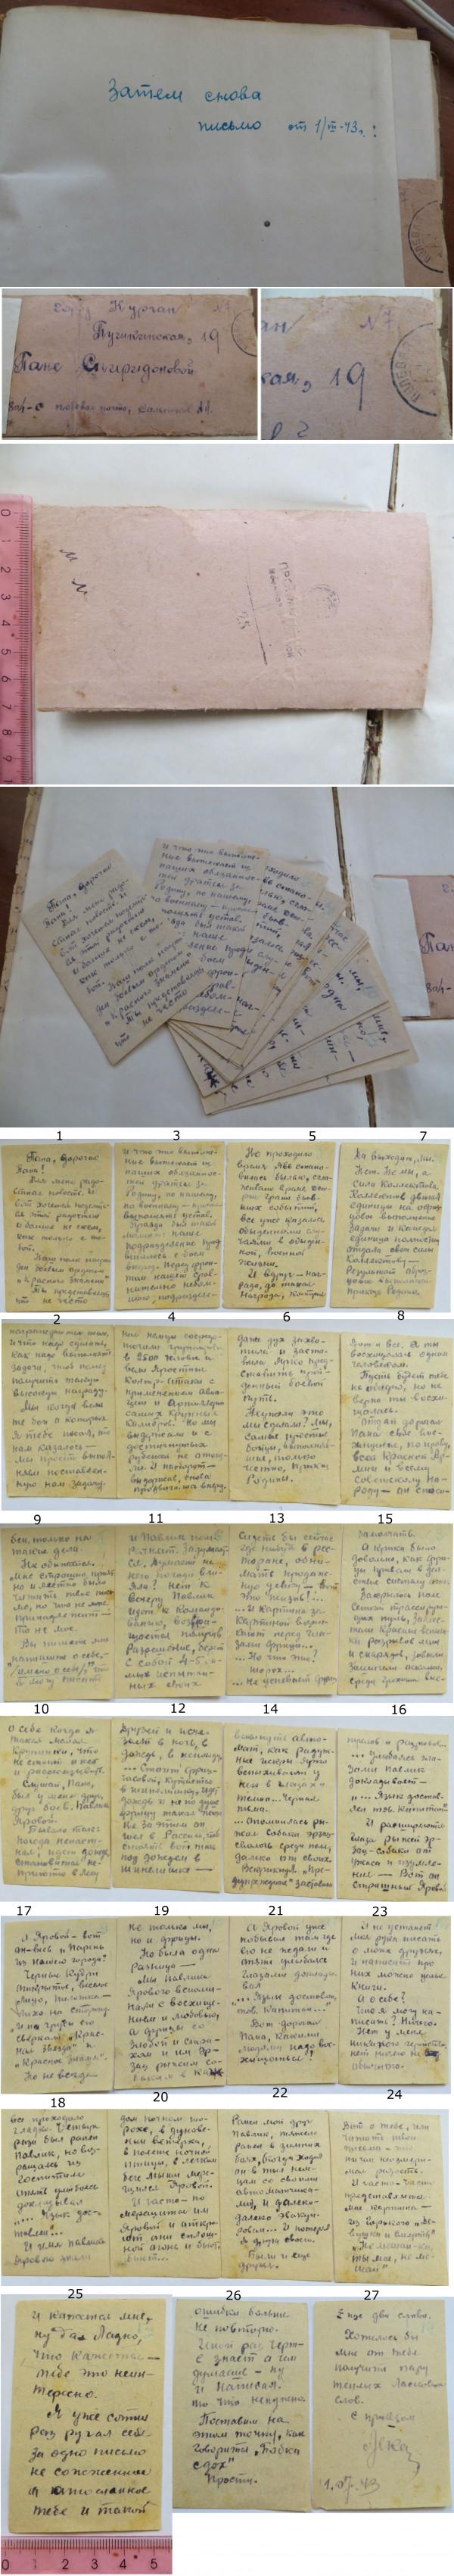 Дневник времен Великой Отечественной Войны [часть 3] Длиннопост, Письмо, Бумажные письма, Переписка, Великая Отечественная война, Дневник